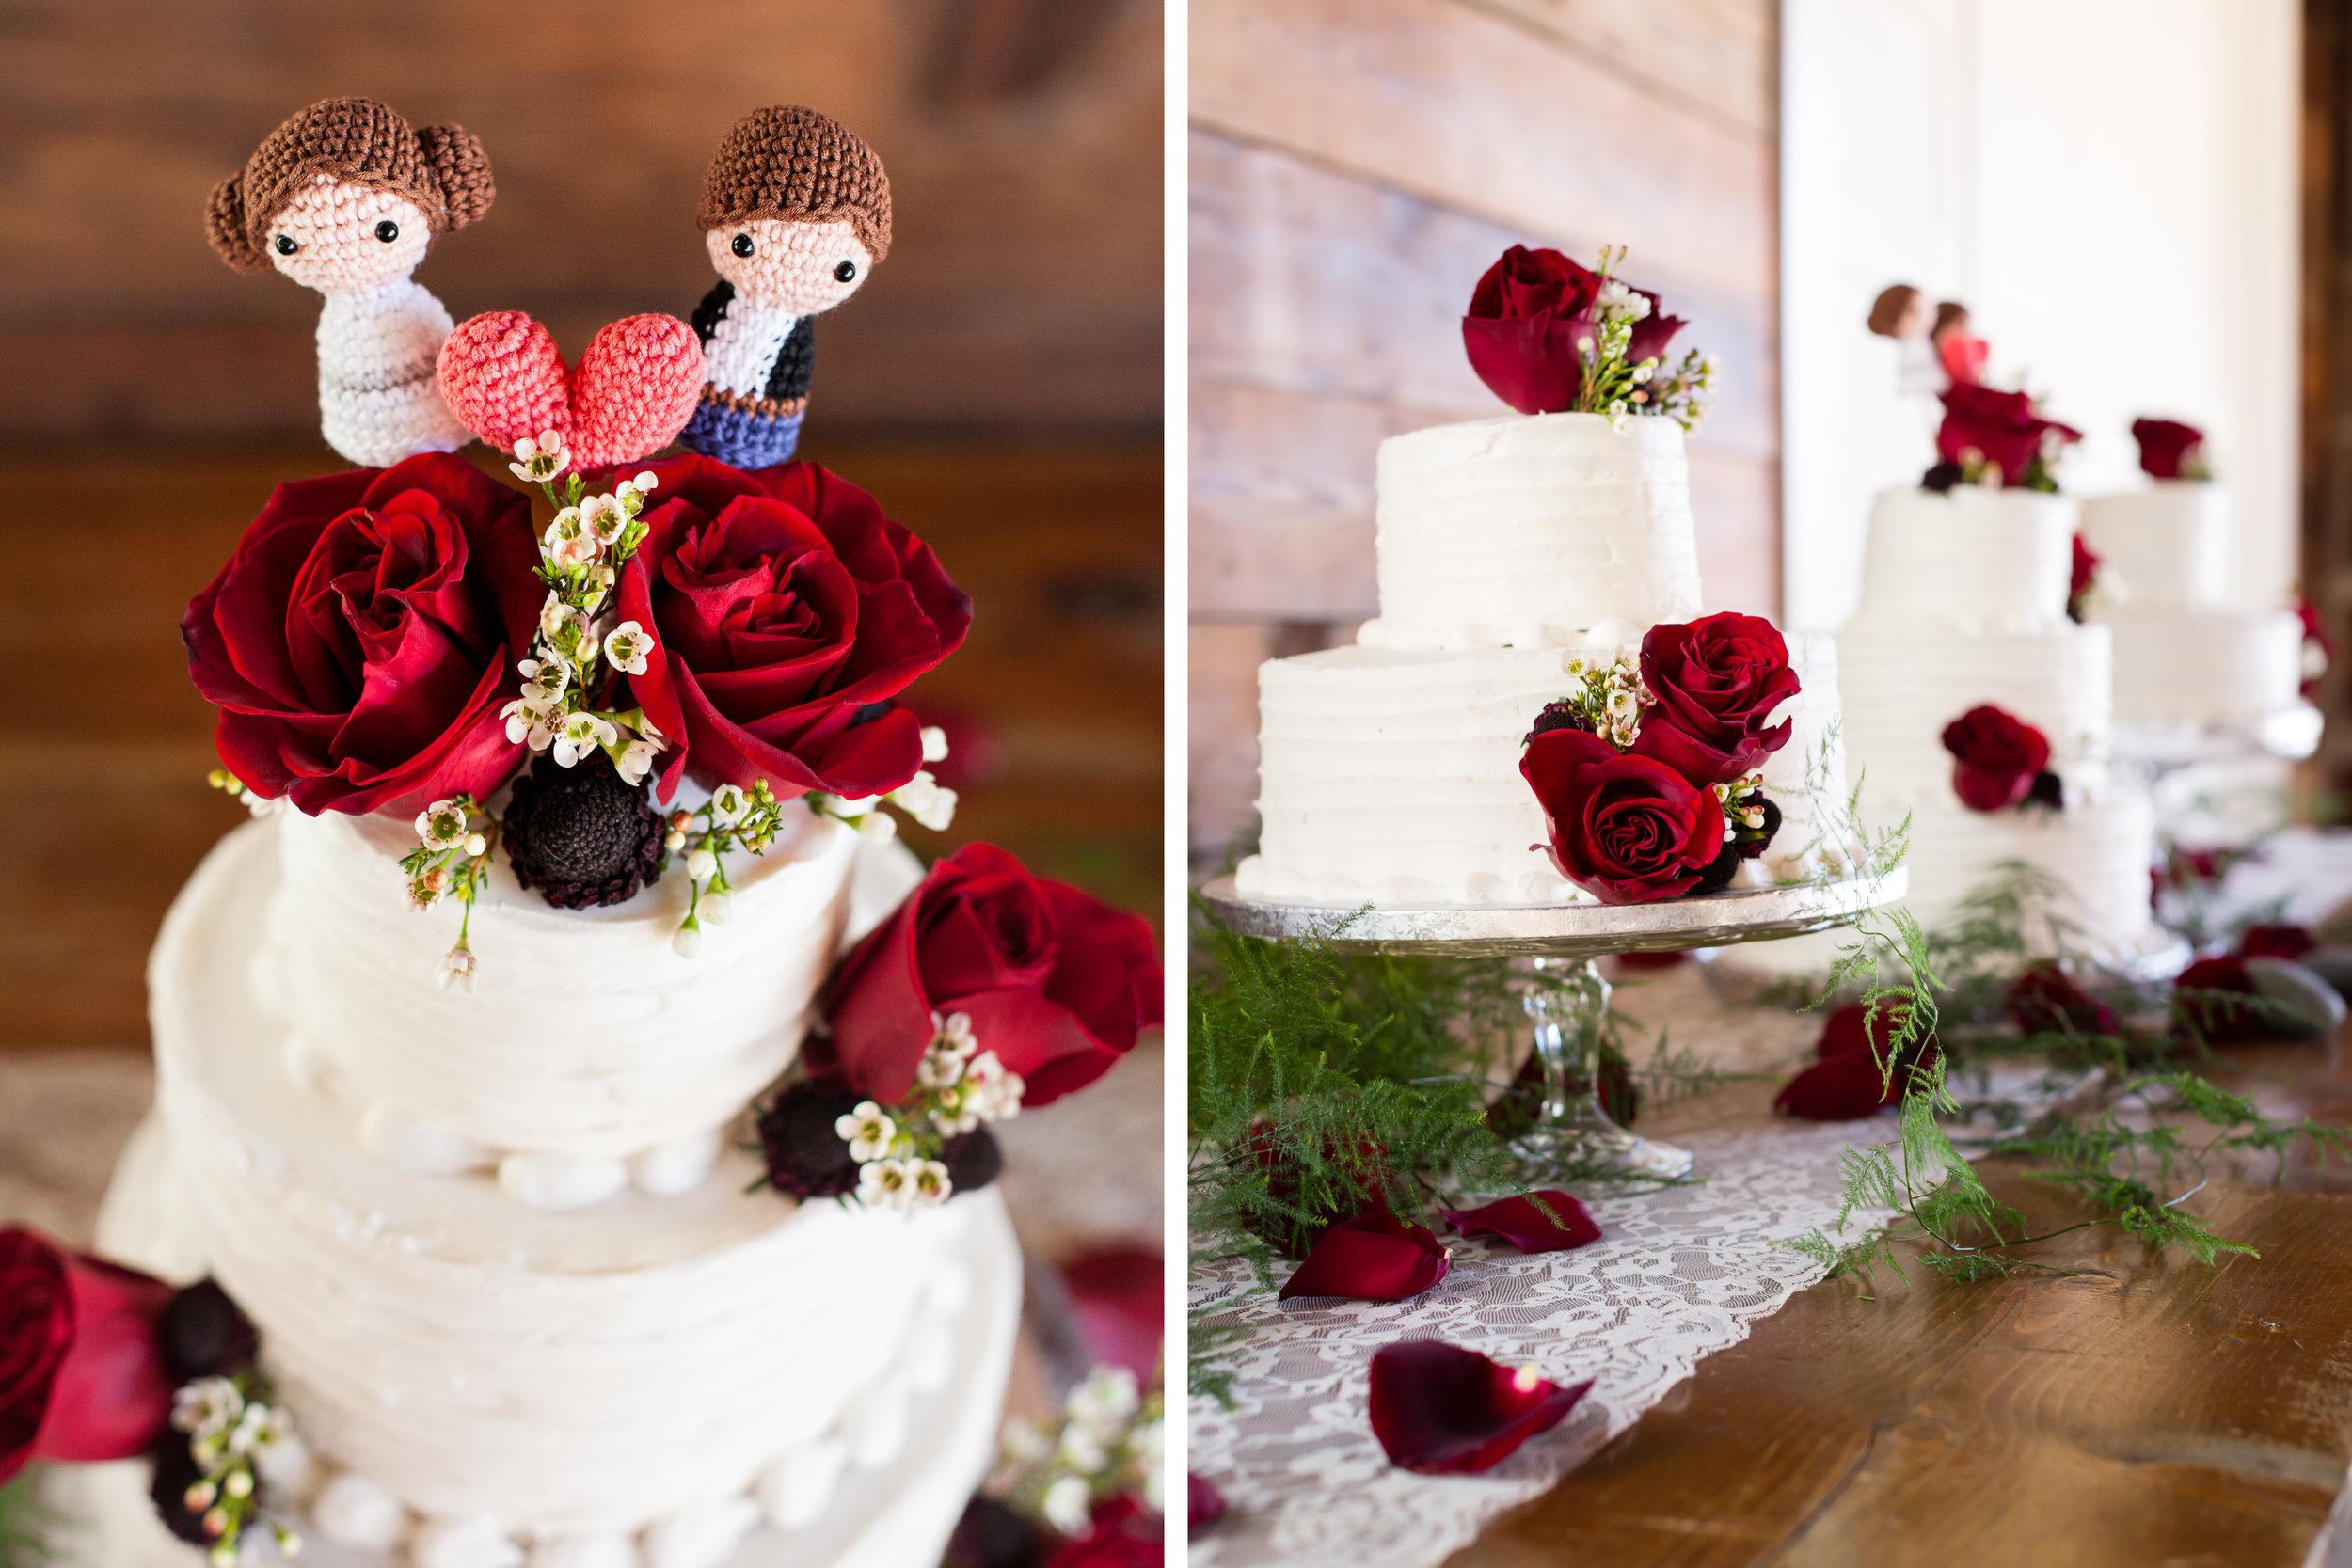 star-wars-cake-topper.jpg